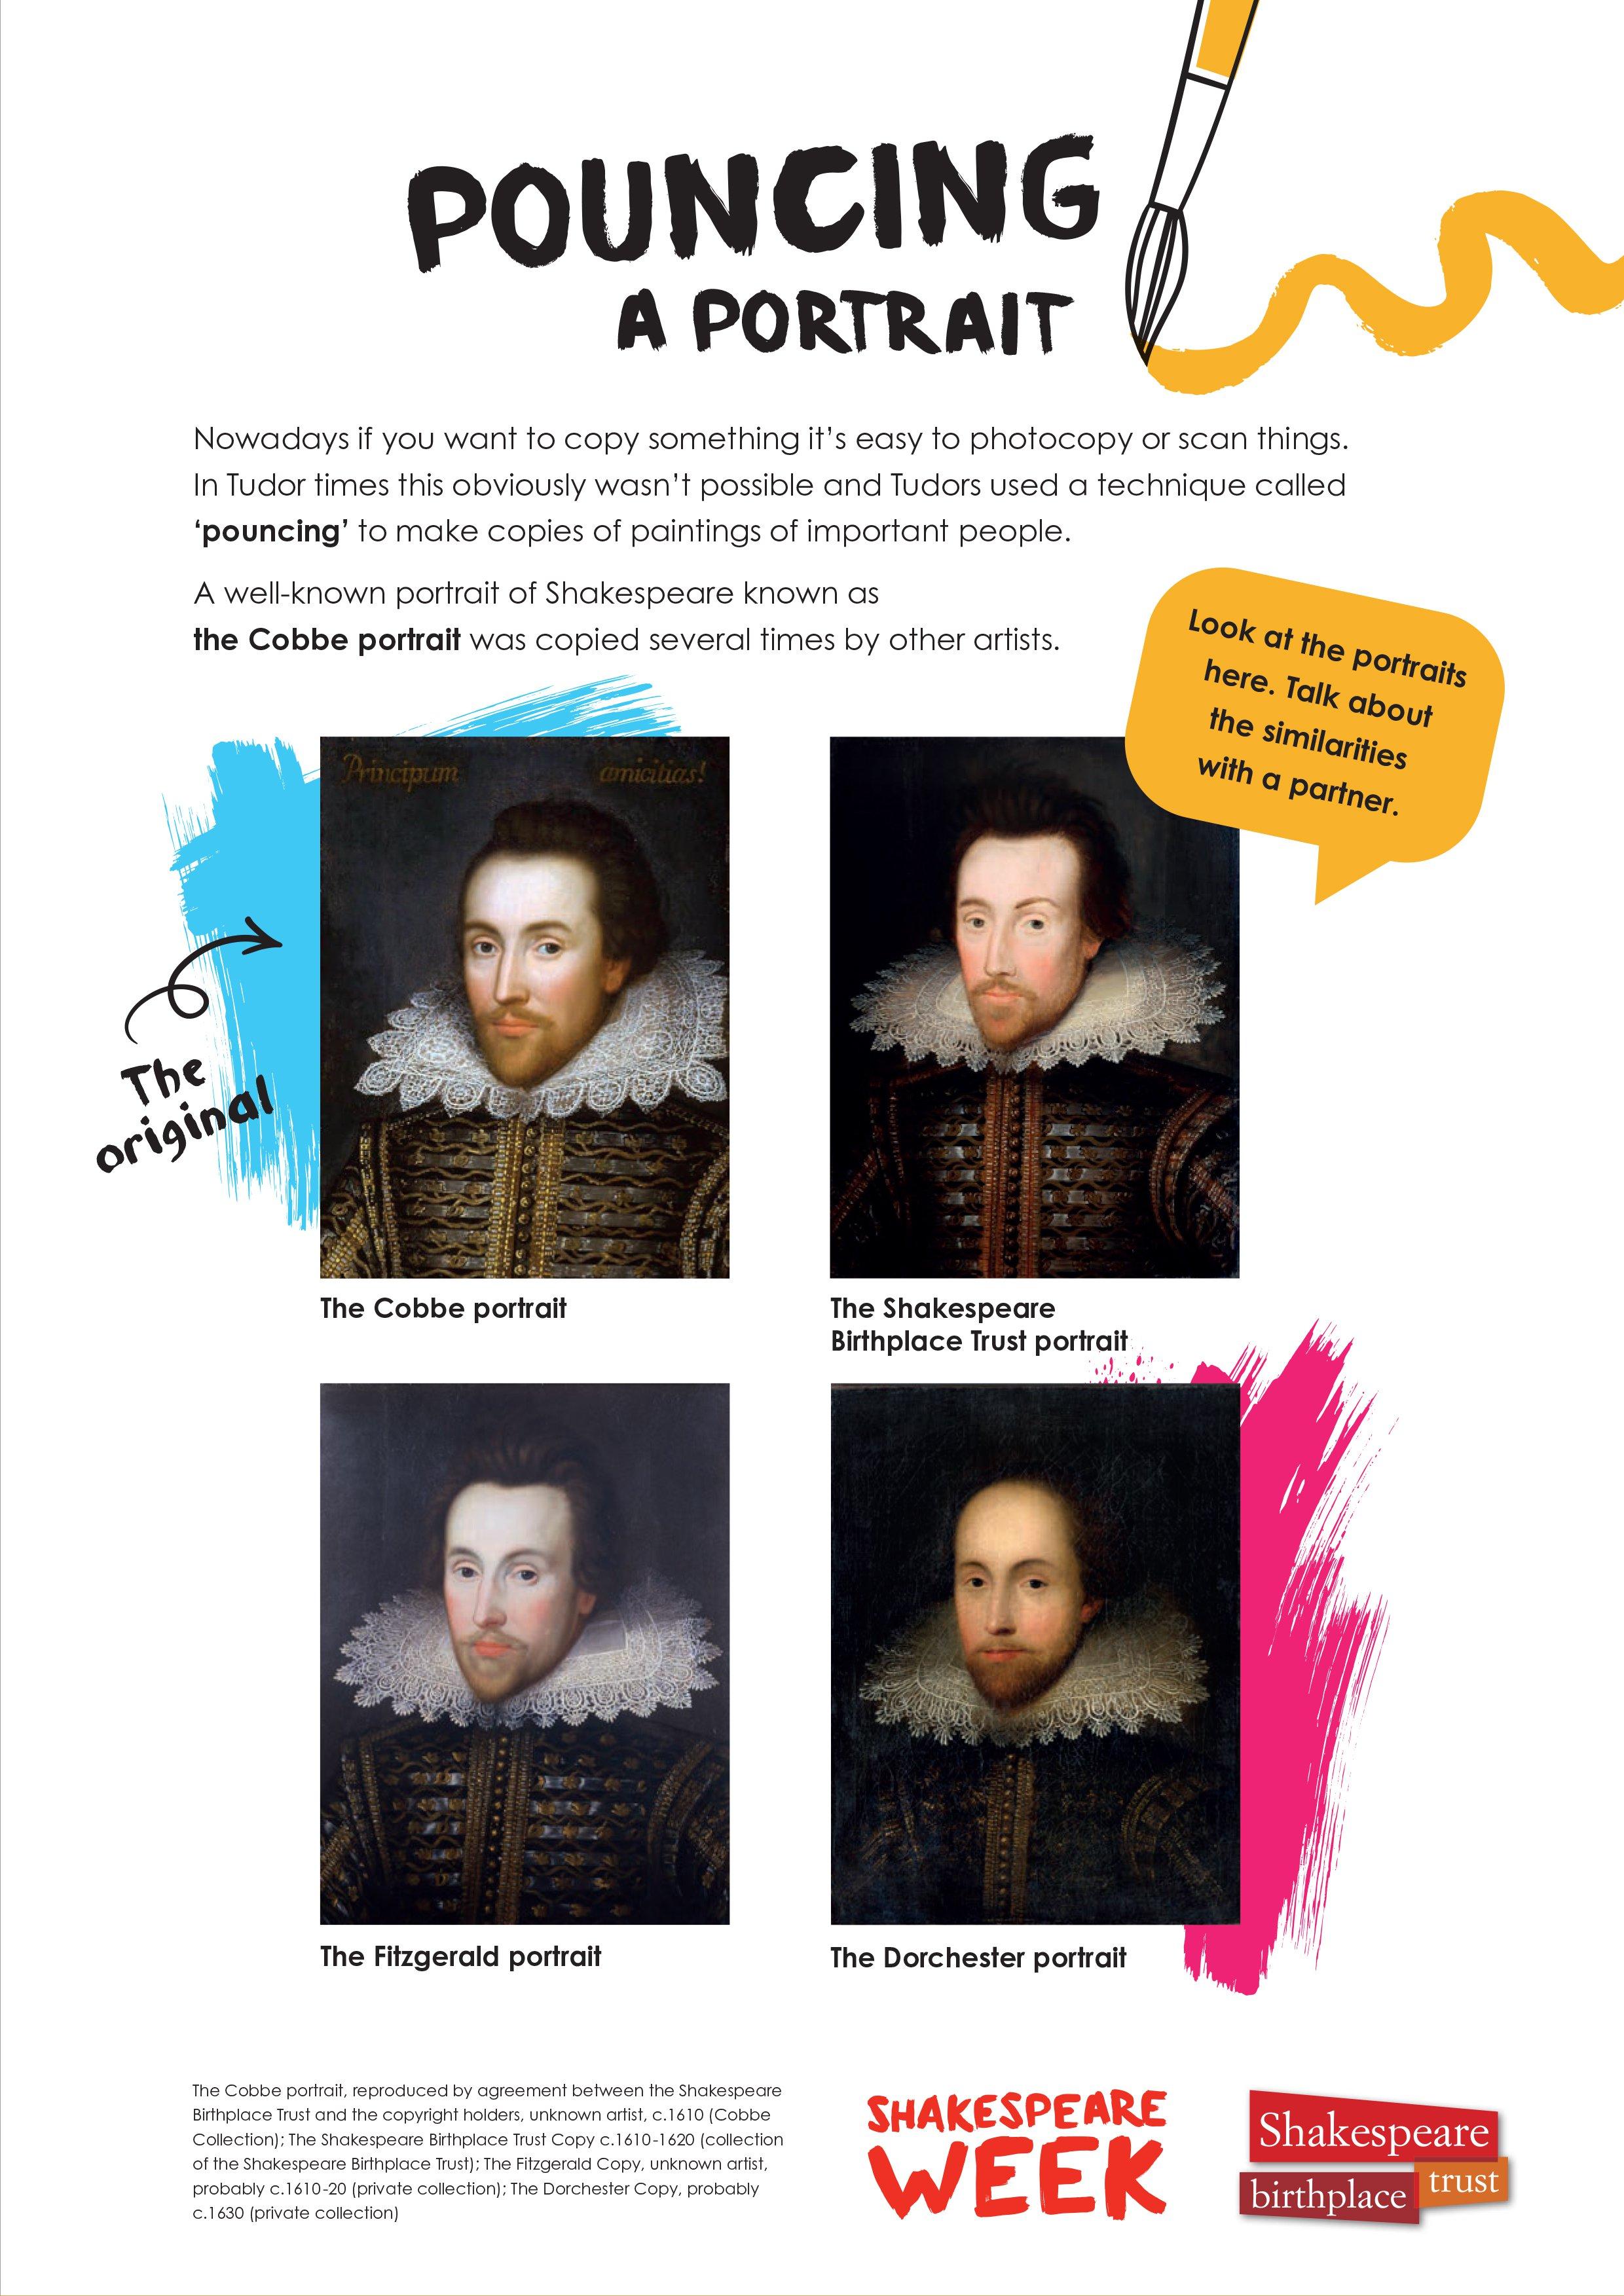 Pouncing a Shakespeare portrait